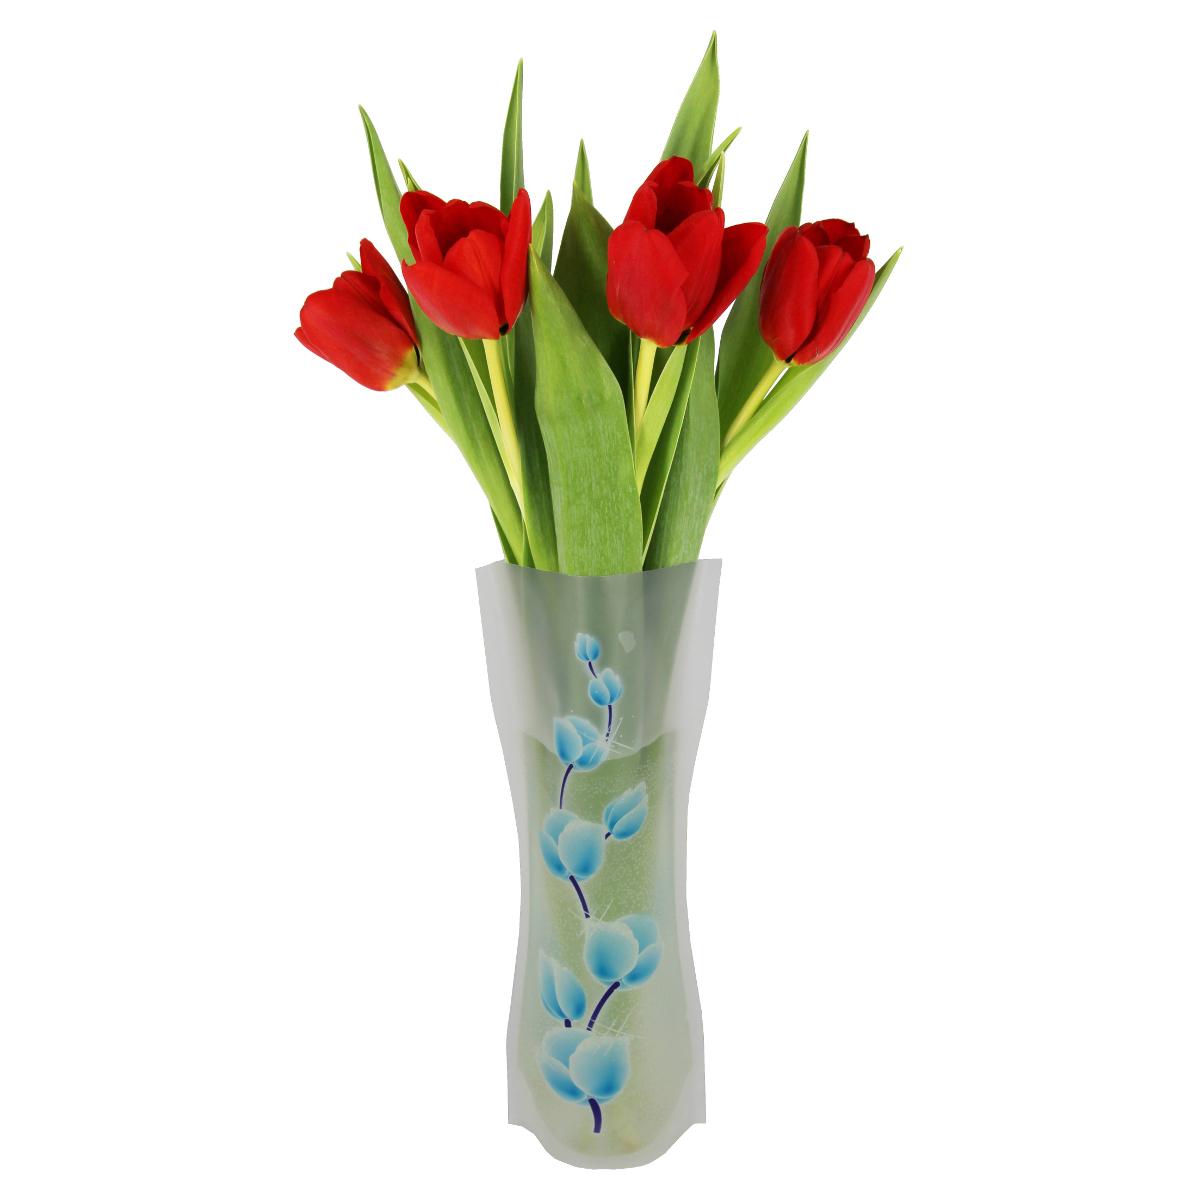 Ваза МастерПроф Синие пионы, пластичная, 1 лHS.040031Пластичная ваза Синие пионы легко складывается, удобно хранится - занимает мало места, долго служит. Всегда пригодится дома, в офисе, на даче, для оформления различных меропритятий. Отлично подойдет для перевозки цветов, или просто в подарок. Инструкция: 1. Наполните вазу теплой водой; 2. Дно и стенки расправятся; 3. Вылейте воду; 4. Наполните вазу холодной водой; 5. Вставьте цветы. Меры предосторожности: Хранить вдали от источников тепла и яркого солнечного света. С осторожностью применять для растений с длинными стеблями и с крупными соцветиями, что бы избежать опрокидывания вазы.